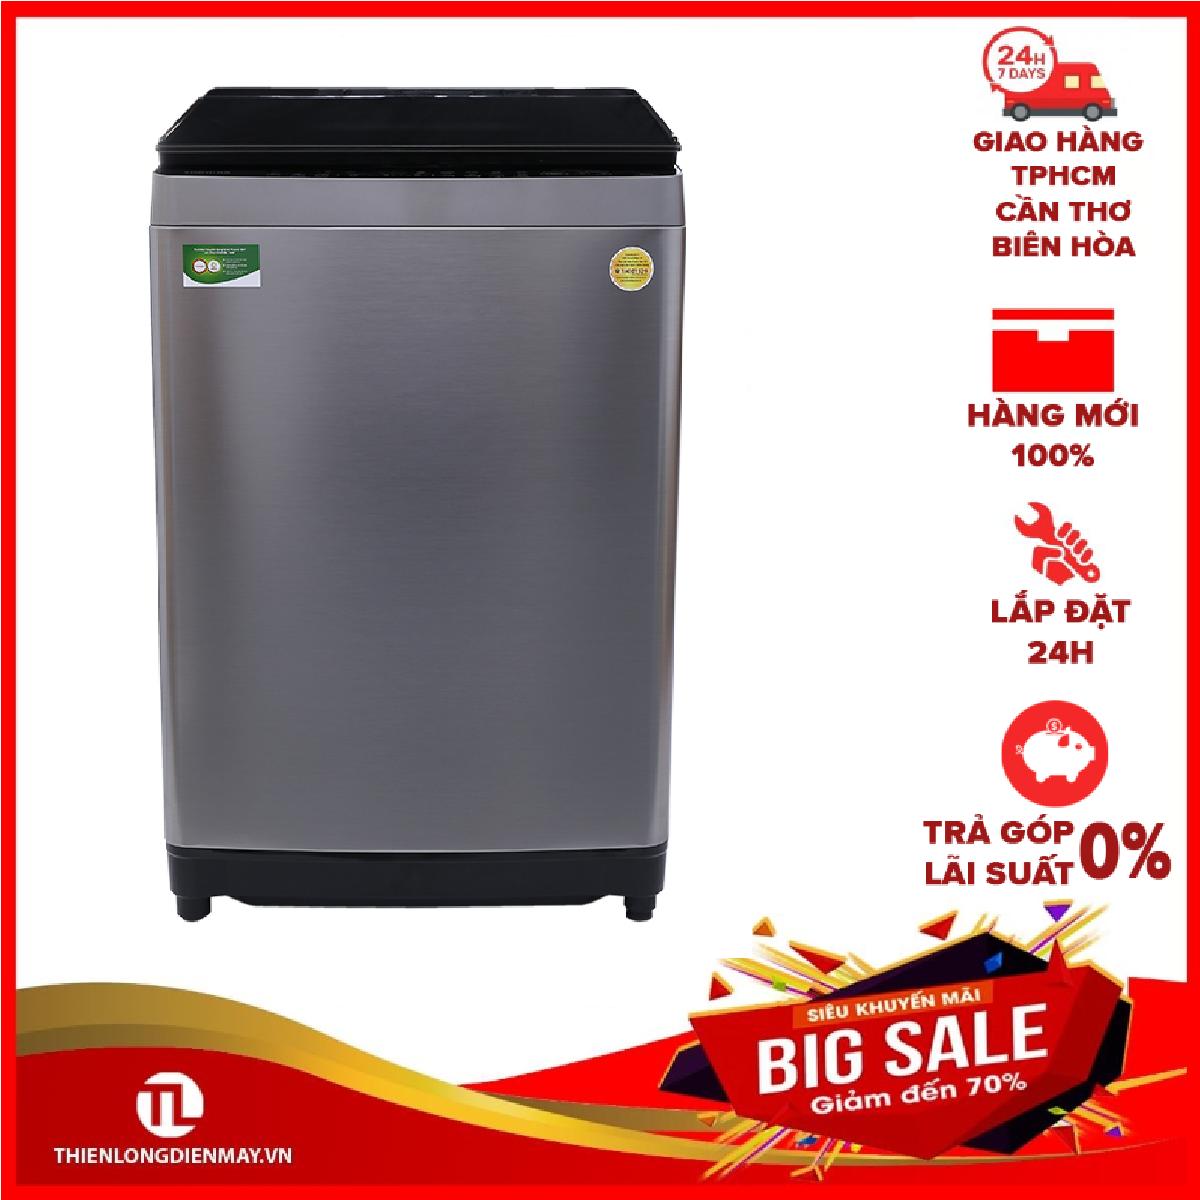 [GIAO HÀNG 2 - 15 NGÀY, TRỄ NHẤT 15.08] [Trả góp 0%]Máy giặt Toshiba Inverter 16 kg AW-DUG1700WV (SS)